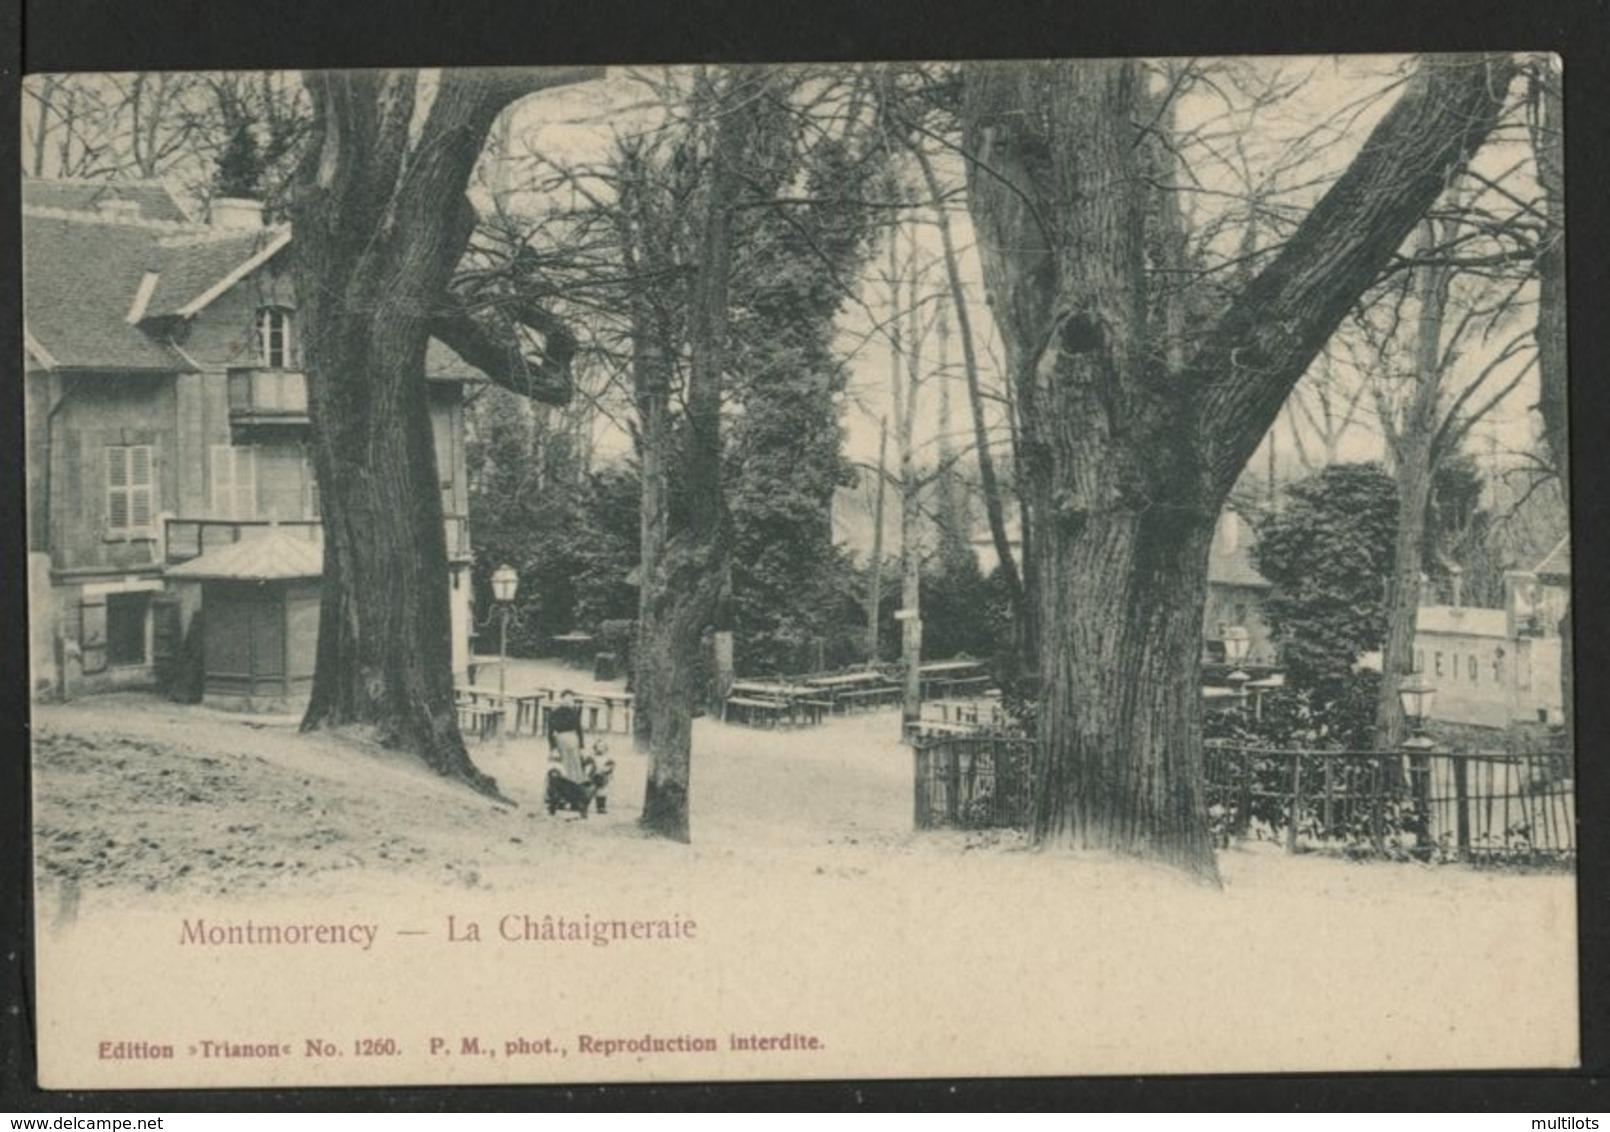 ML642 - MAGNIFIQUE Lot De 50 CPA , Très Belles CPA à L'intérieur  ! à Ne Surtout Pas Rater !!! .... - 5 - 99 Postcards